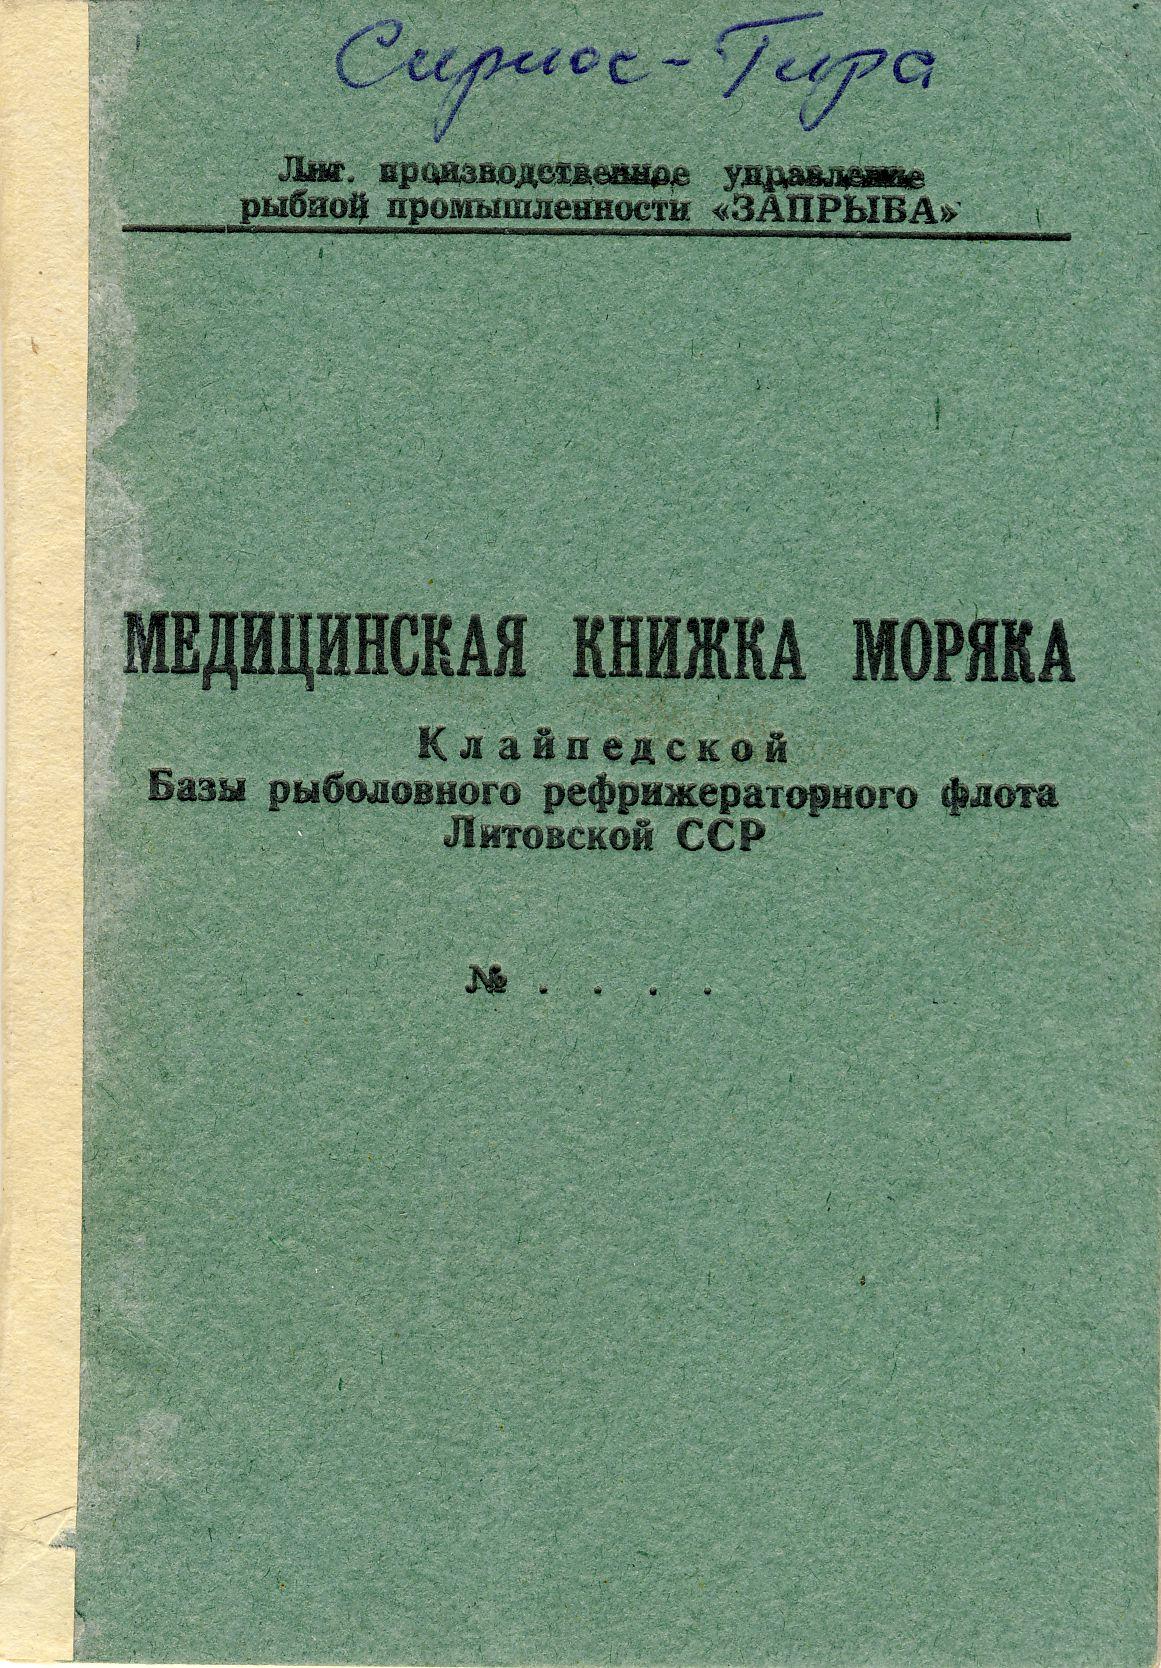 V. Sirijos Giros jūreivio medicinos knygelė. Klaipėda. 1968 m.